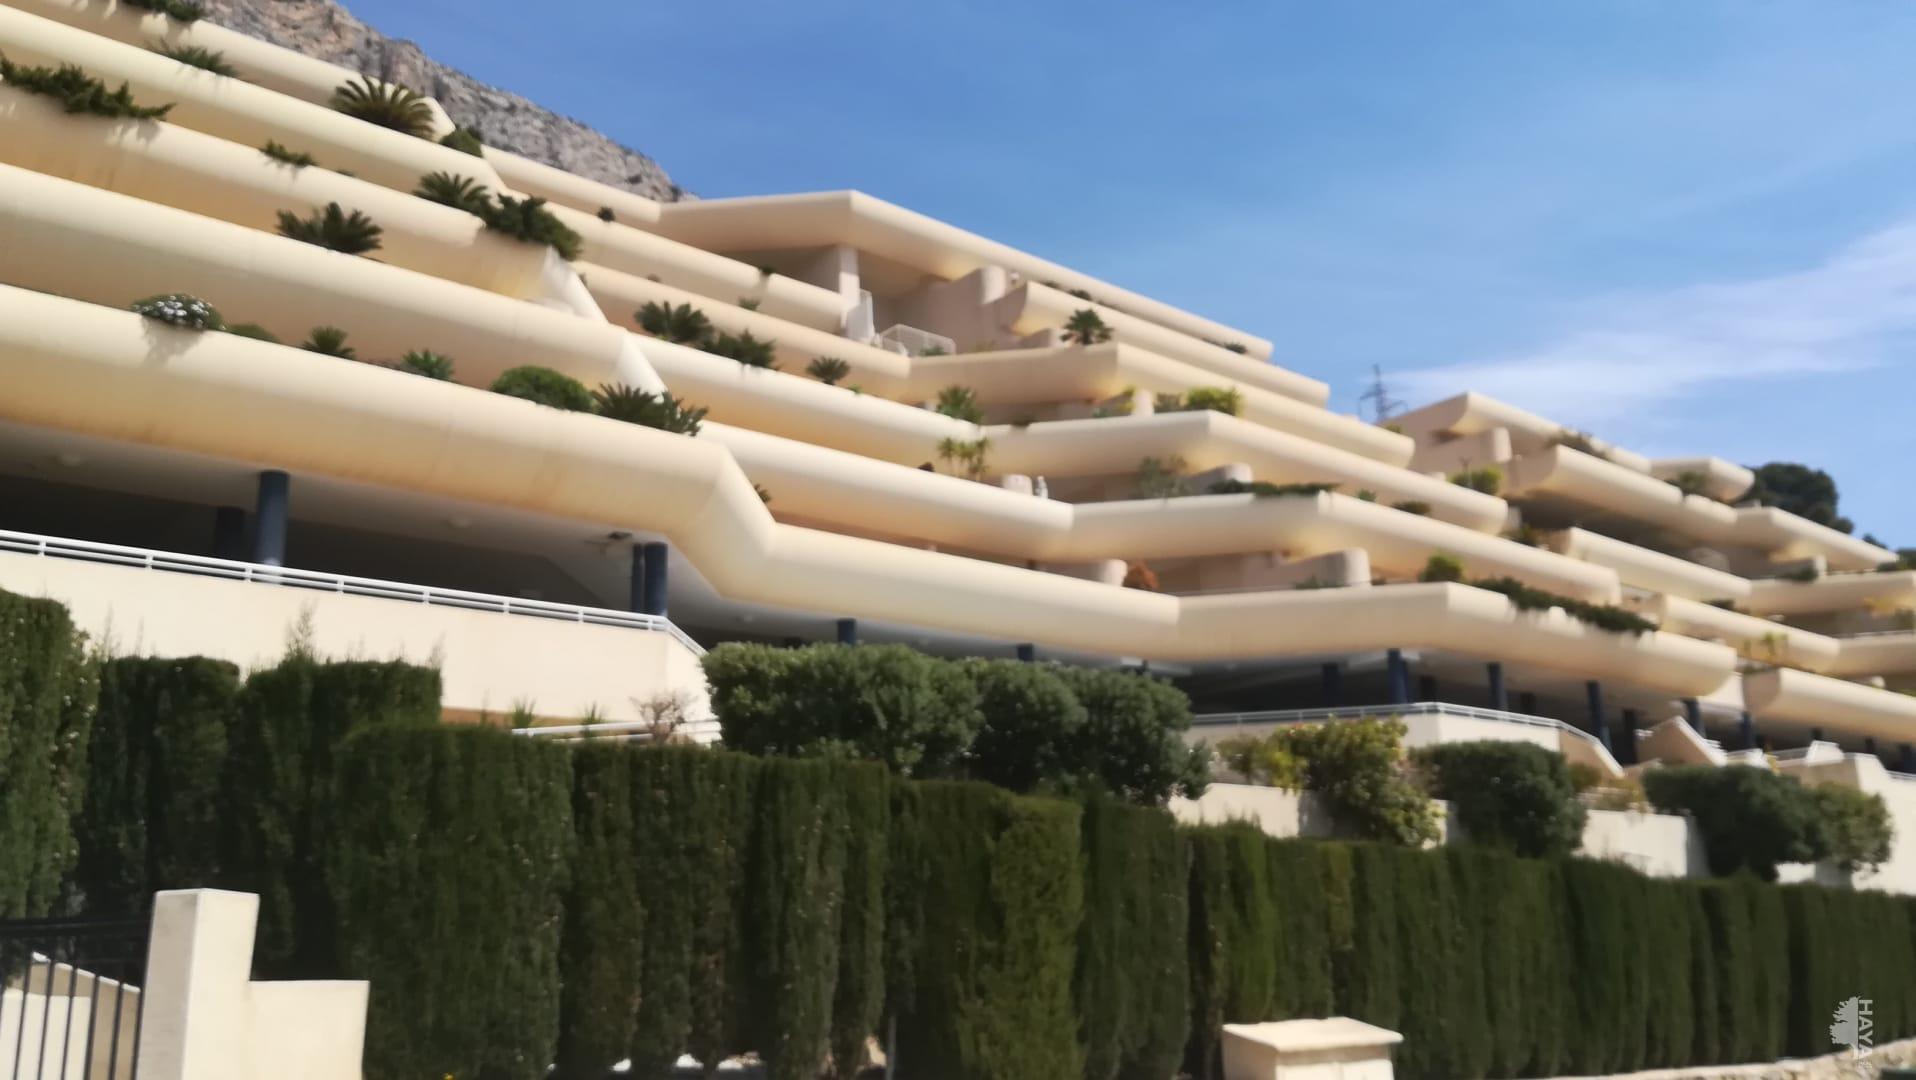 Piso en venta en Altea, Alicante, Calle Babor, 311.351 €, 3 habitaciones, 1 baño, 142 m2